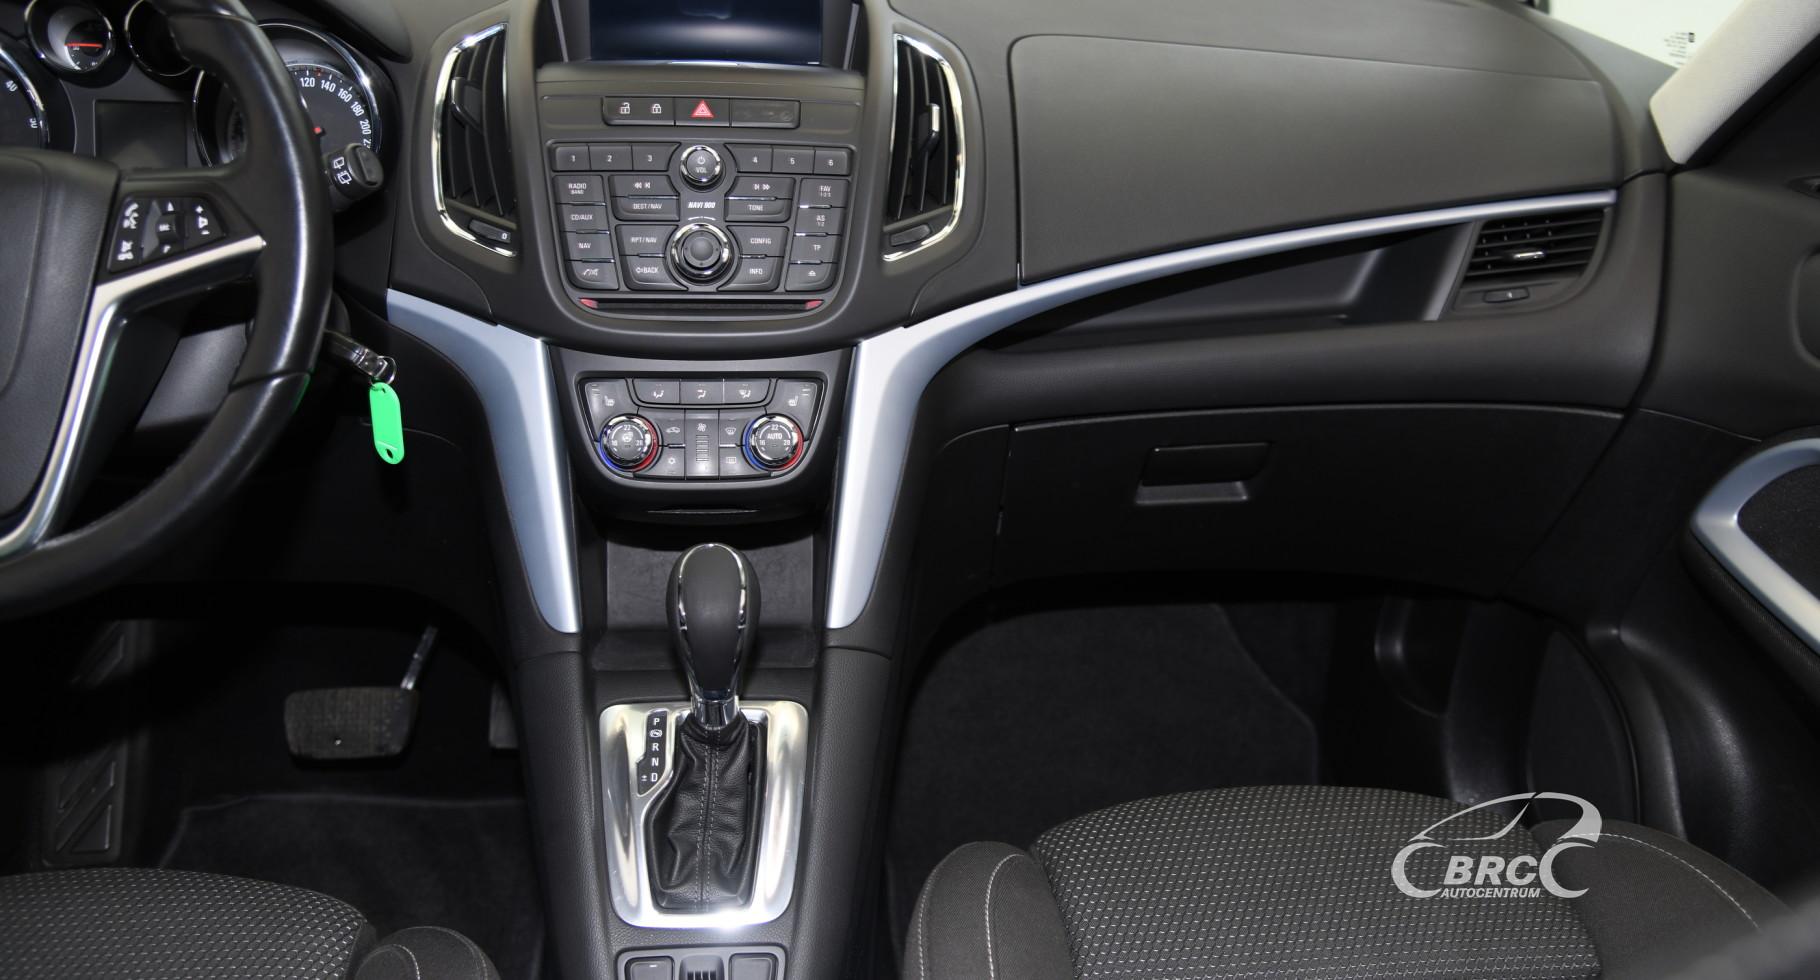 Opel Zafira Tourer 2.0 CDTi Edition Automatas